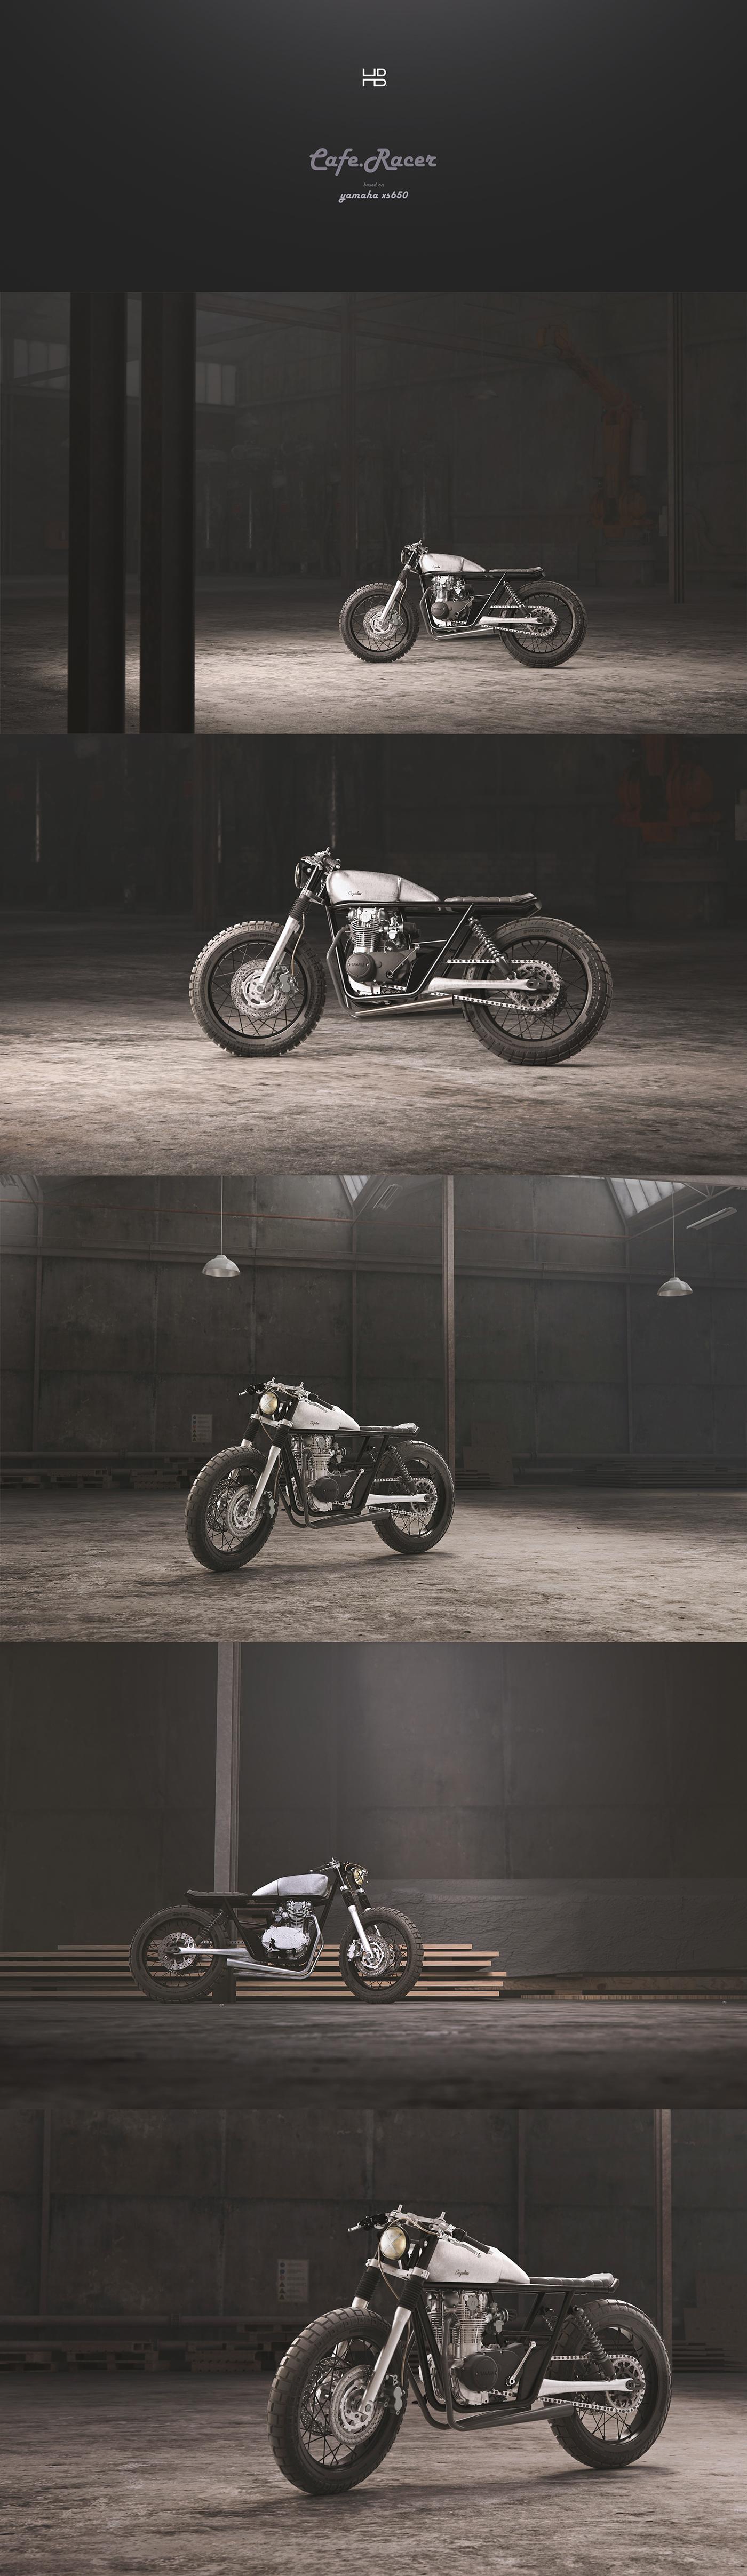 Cafe Racer //Yamaha xs650 // FULL CGI on Behance